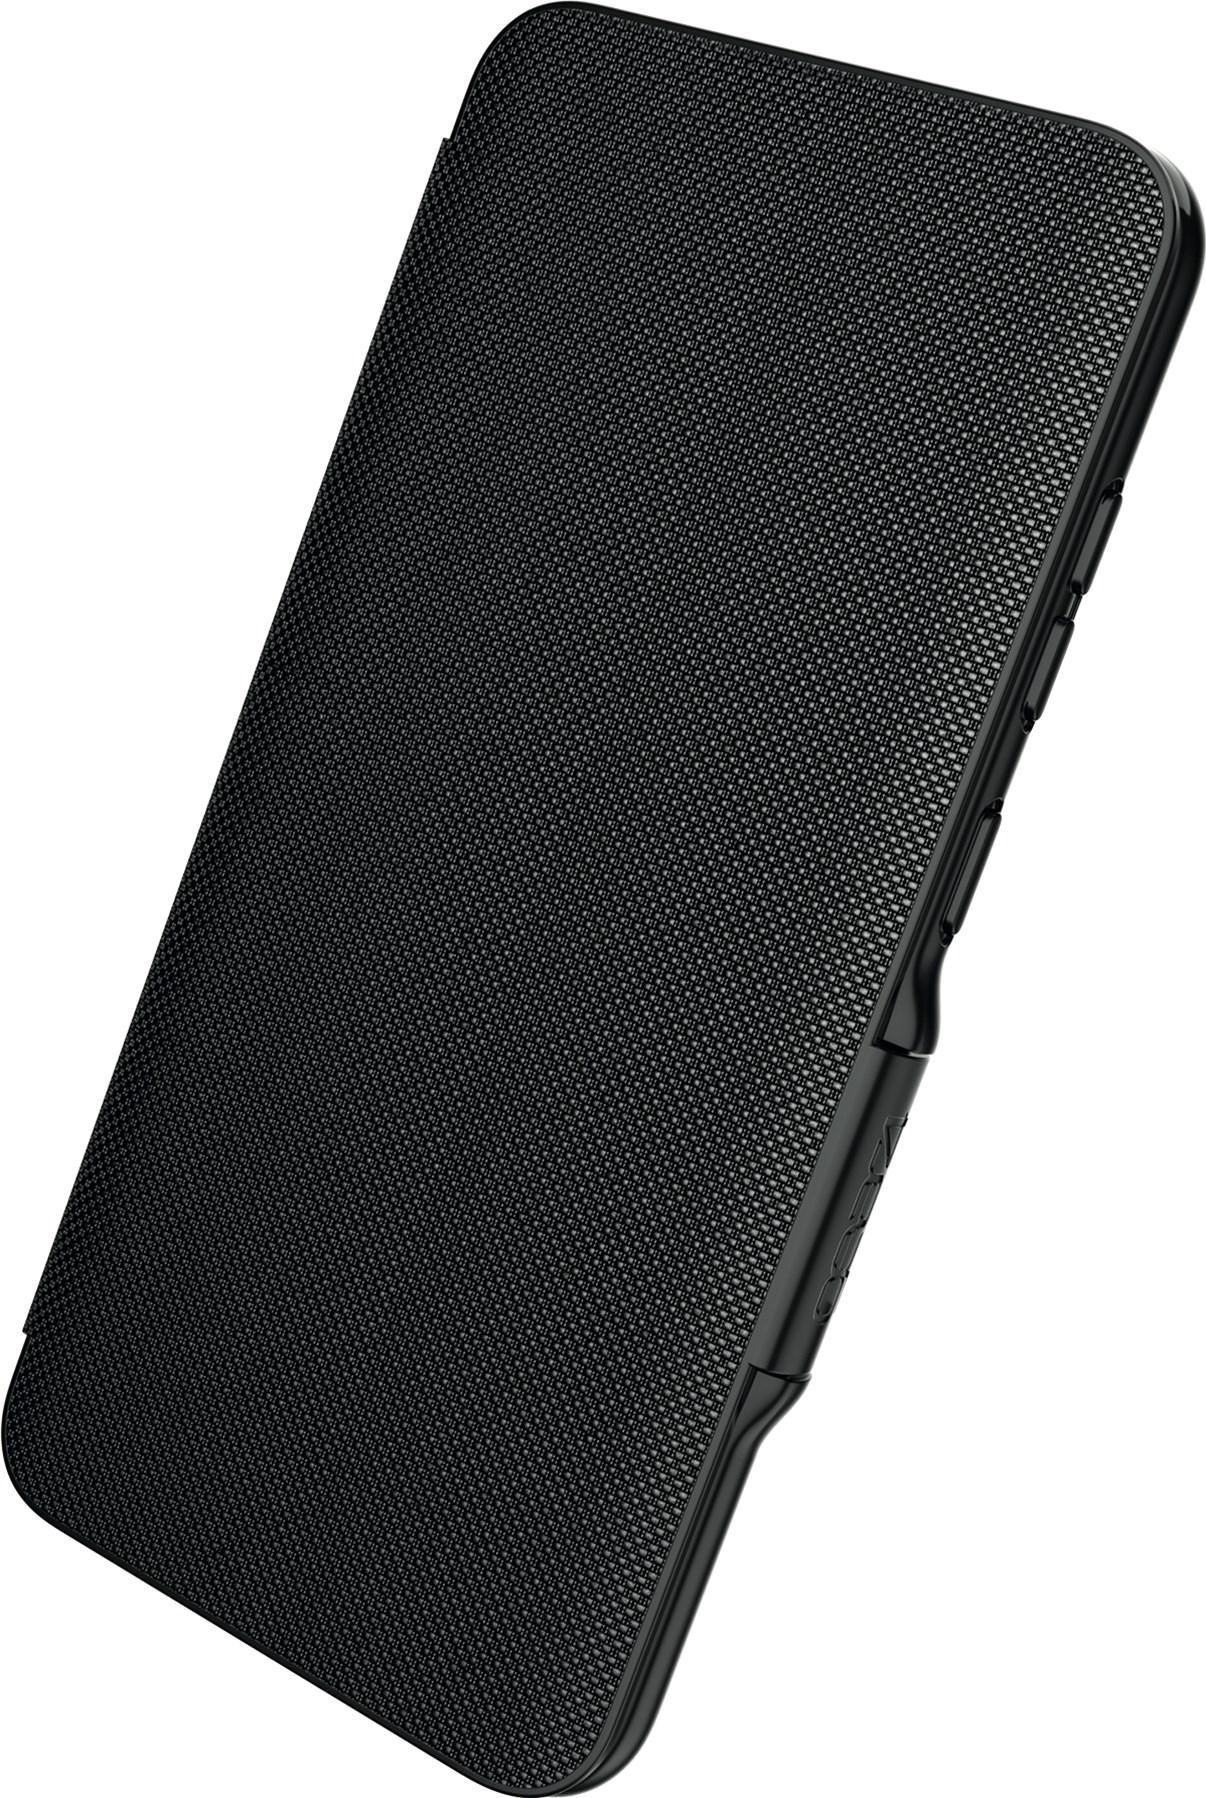 gear4 D3o Oxford Eco Samsung Galaxy S20 Black